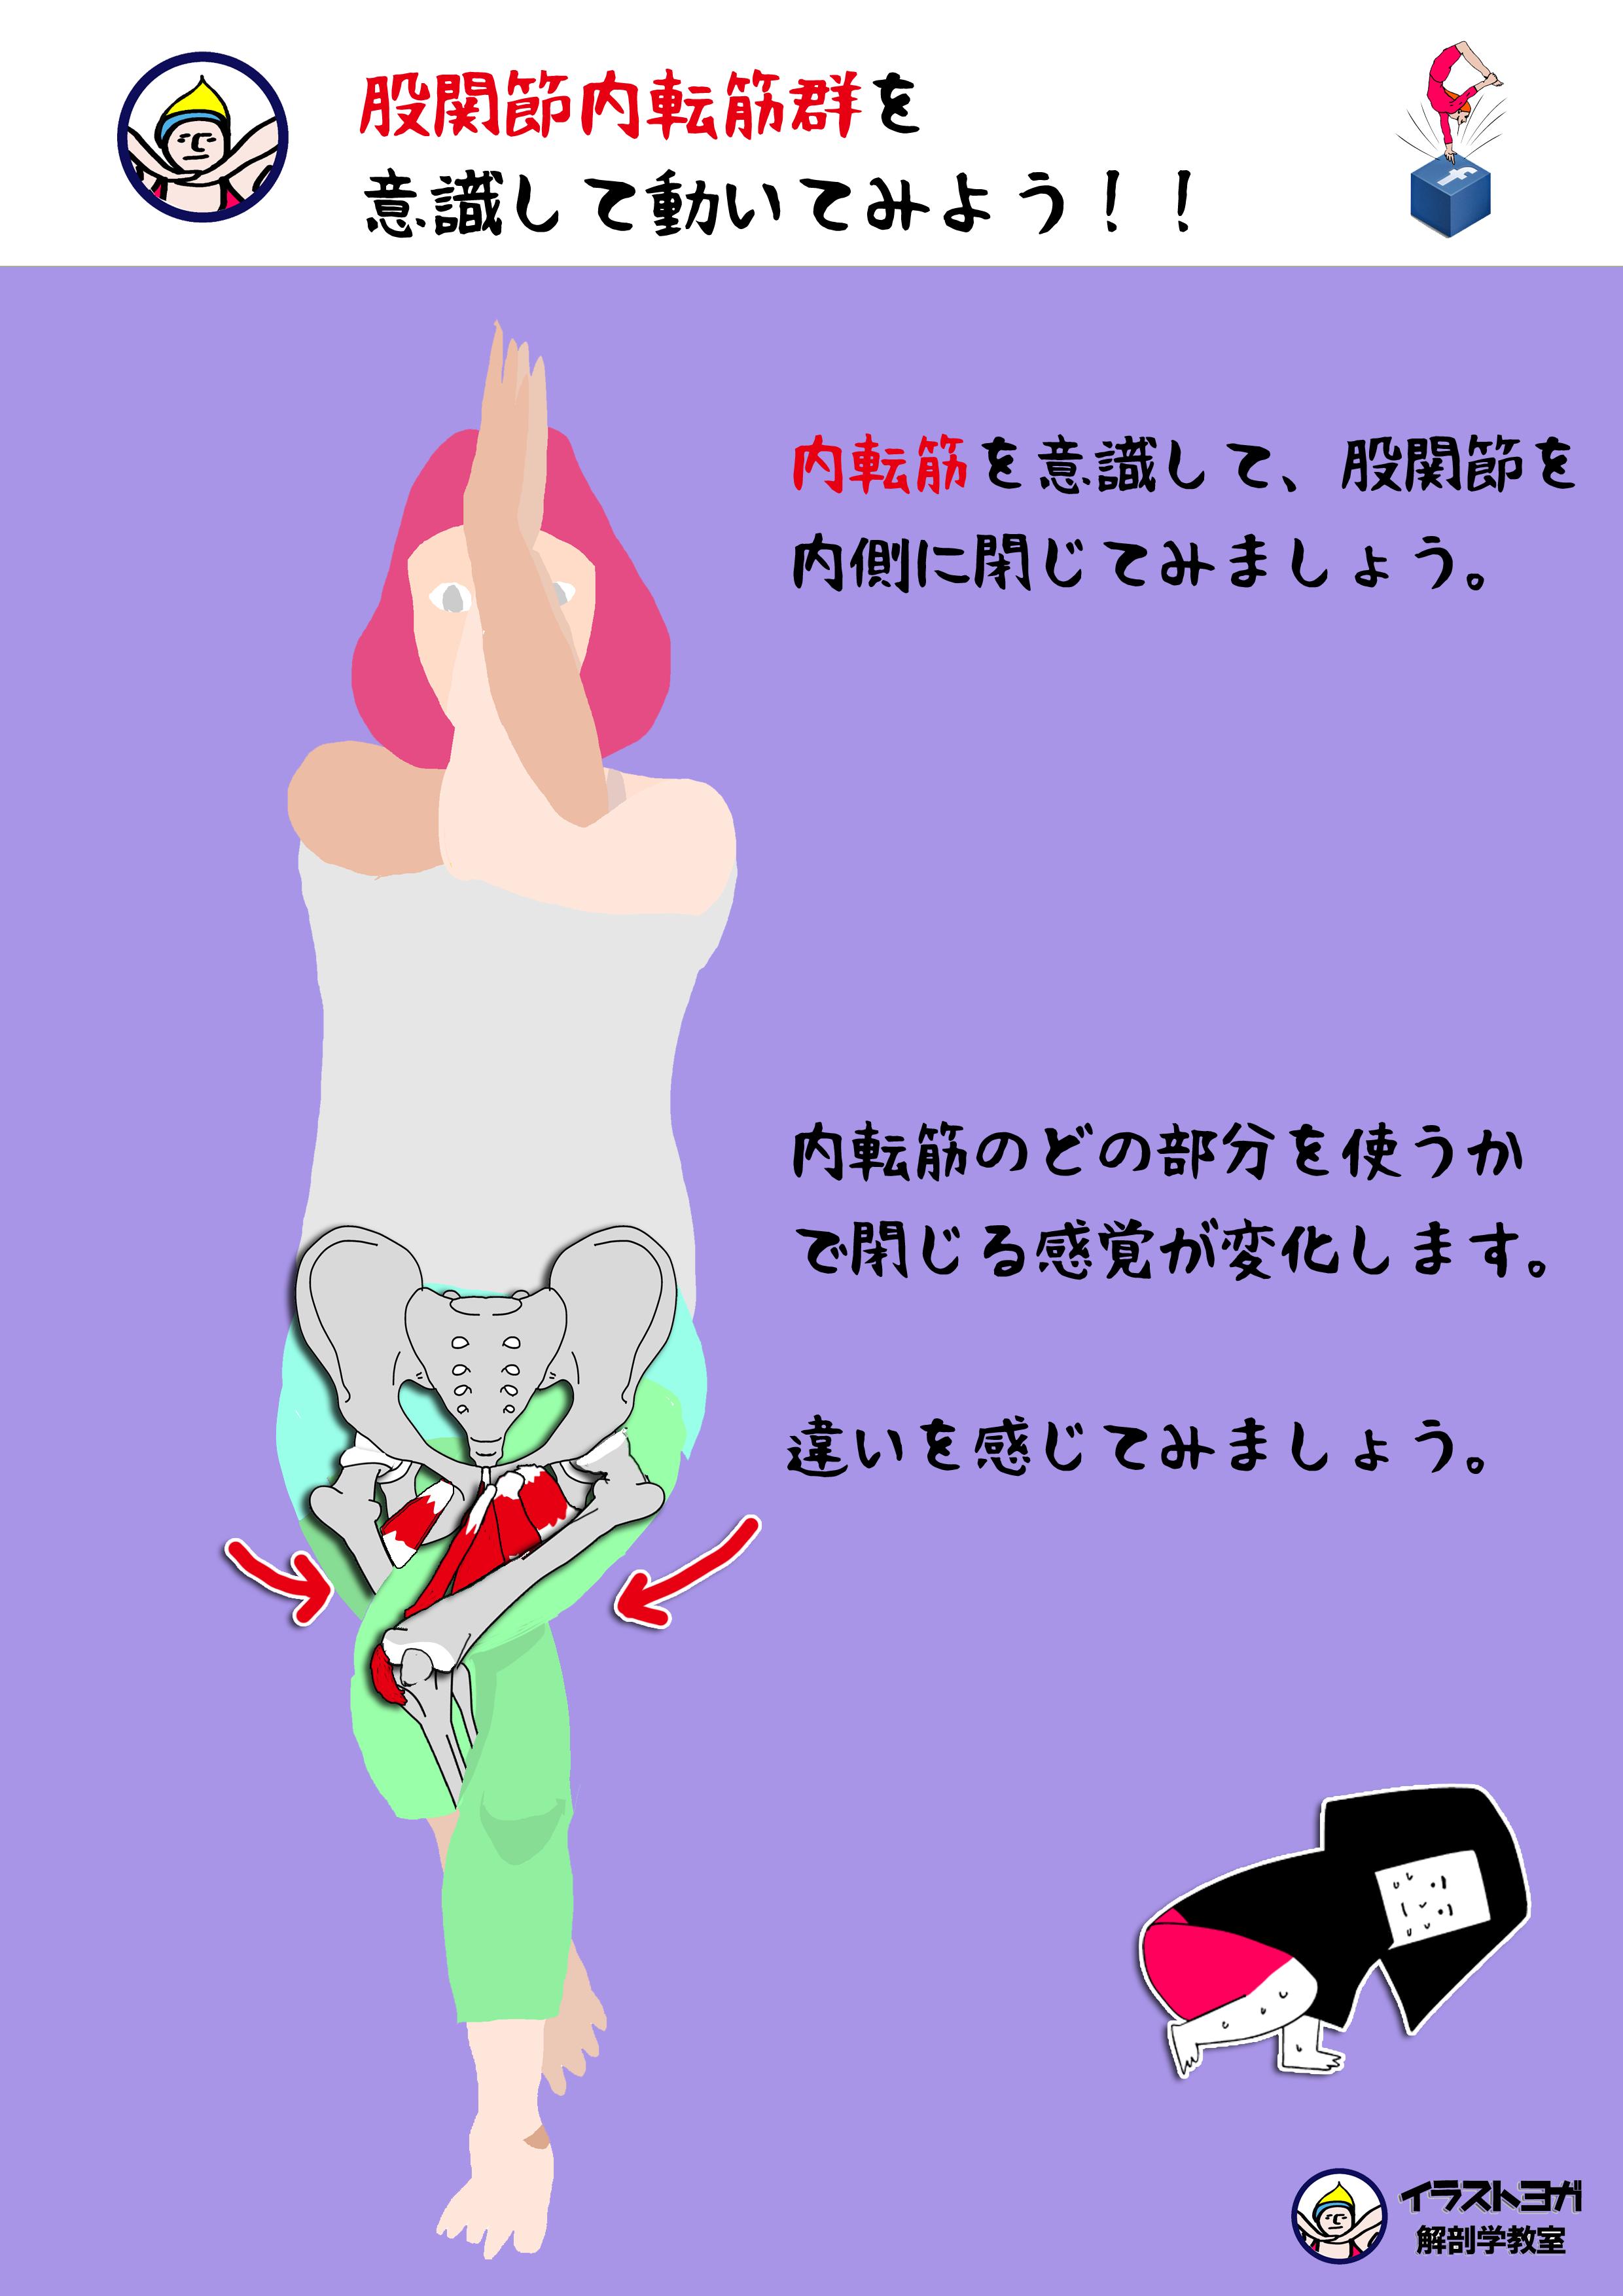 股関節内転筋群(ないてんきんぐん)まとめ|イラスト解剖学 | 世界一ゆる〜い解剖学教室